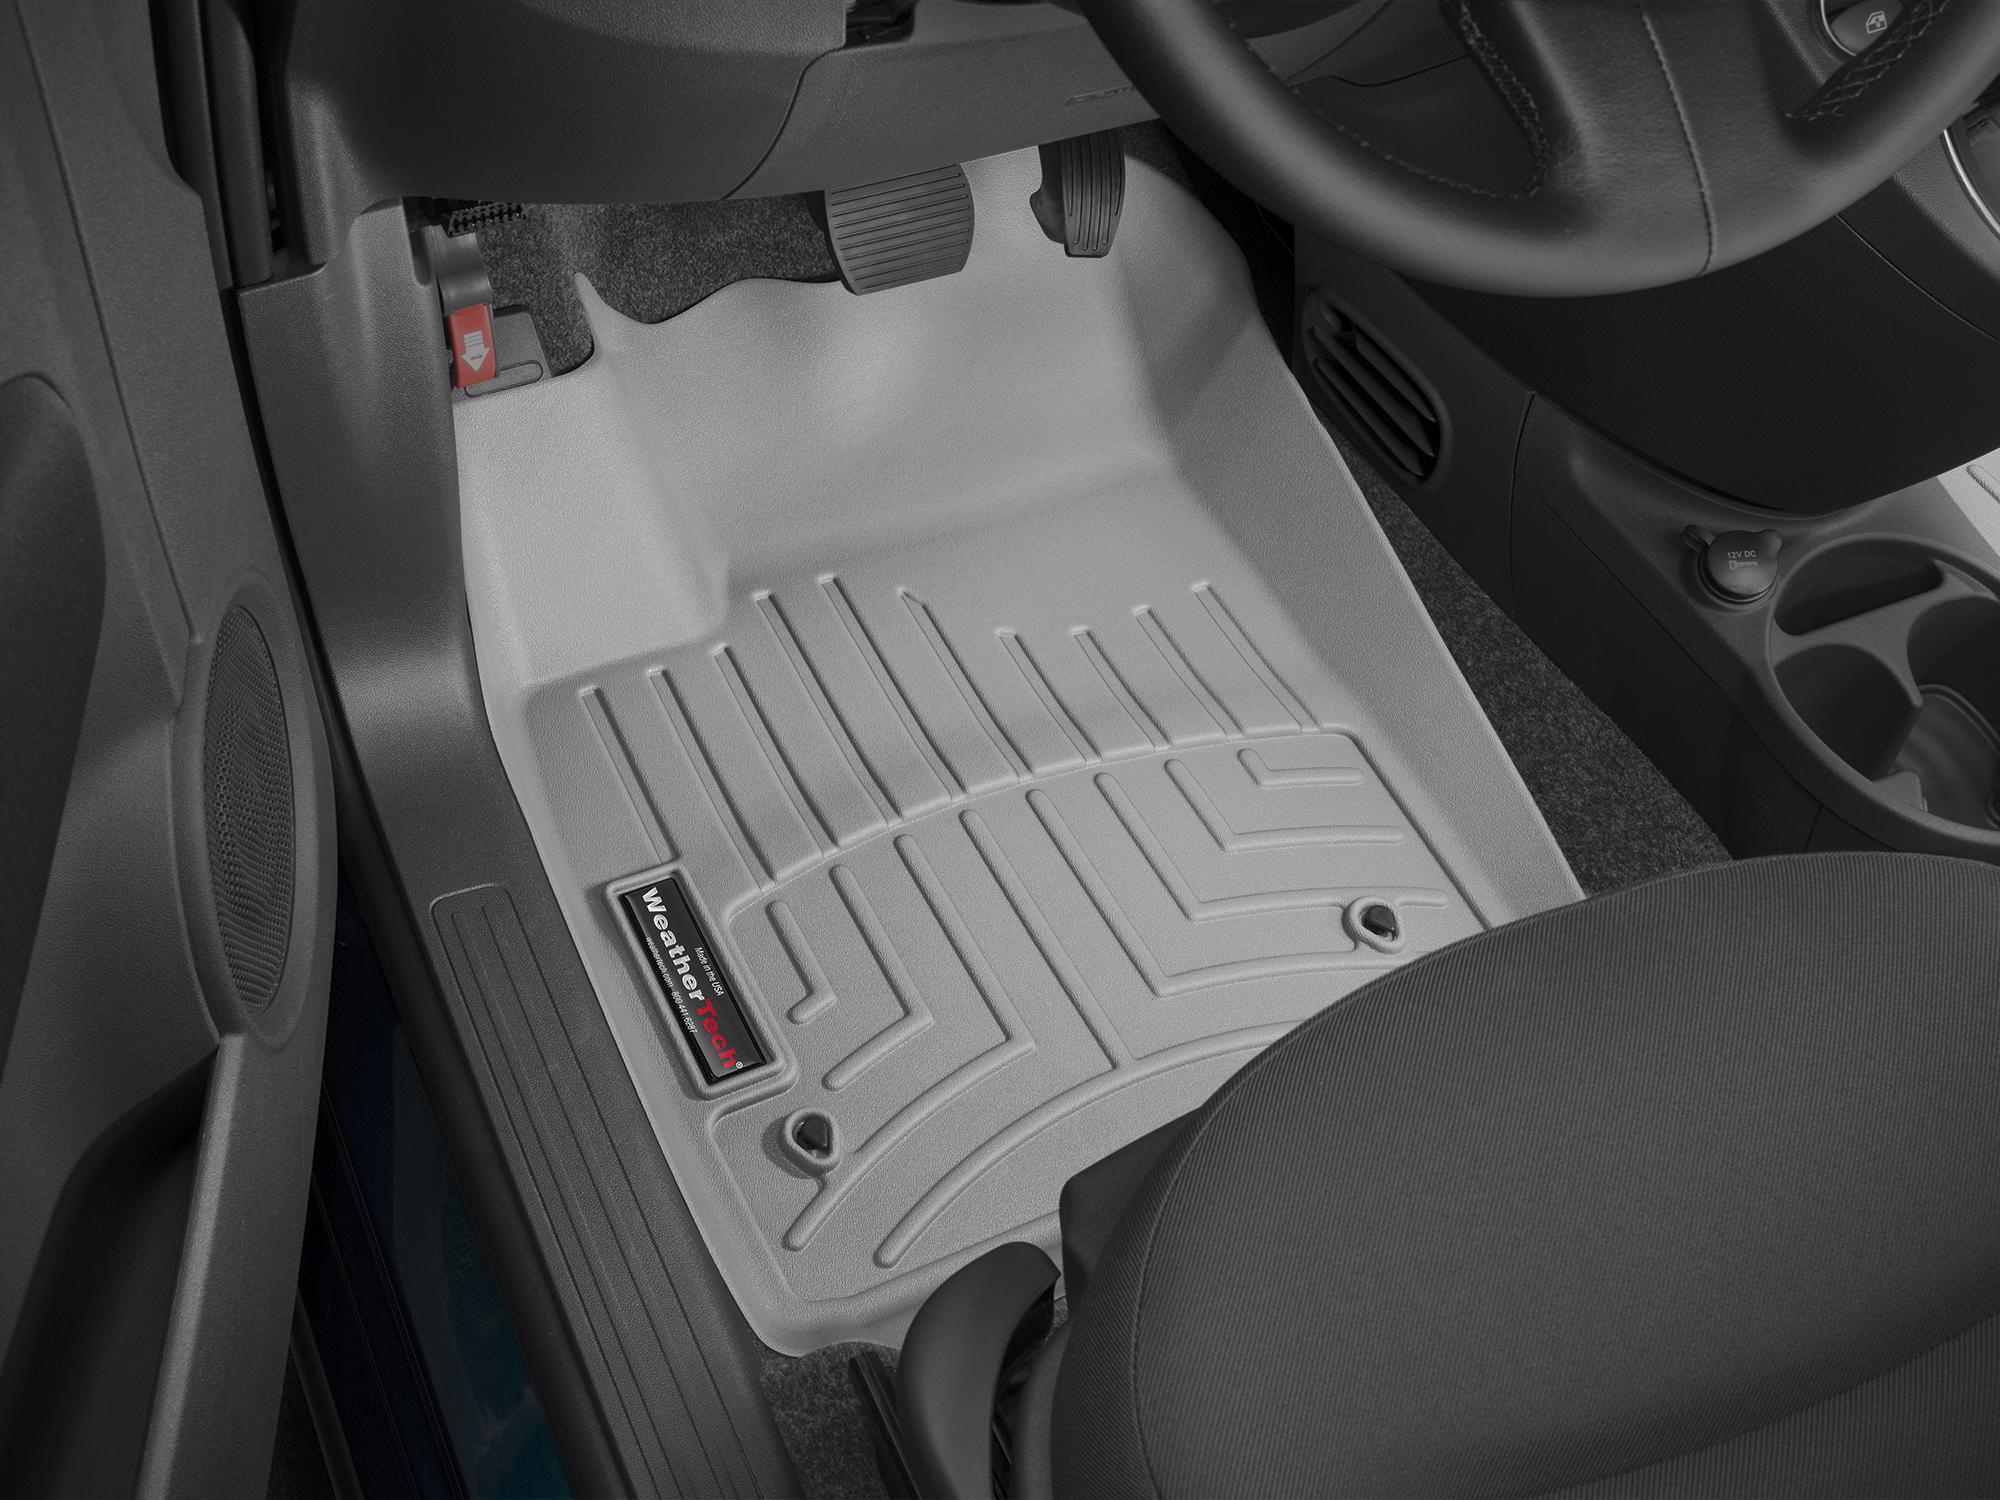 Tappeti gomma su misura bordo alto Fiat 500C 09>17 Grigio A760*